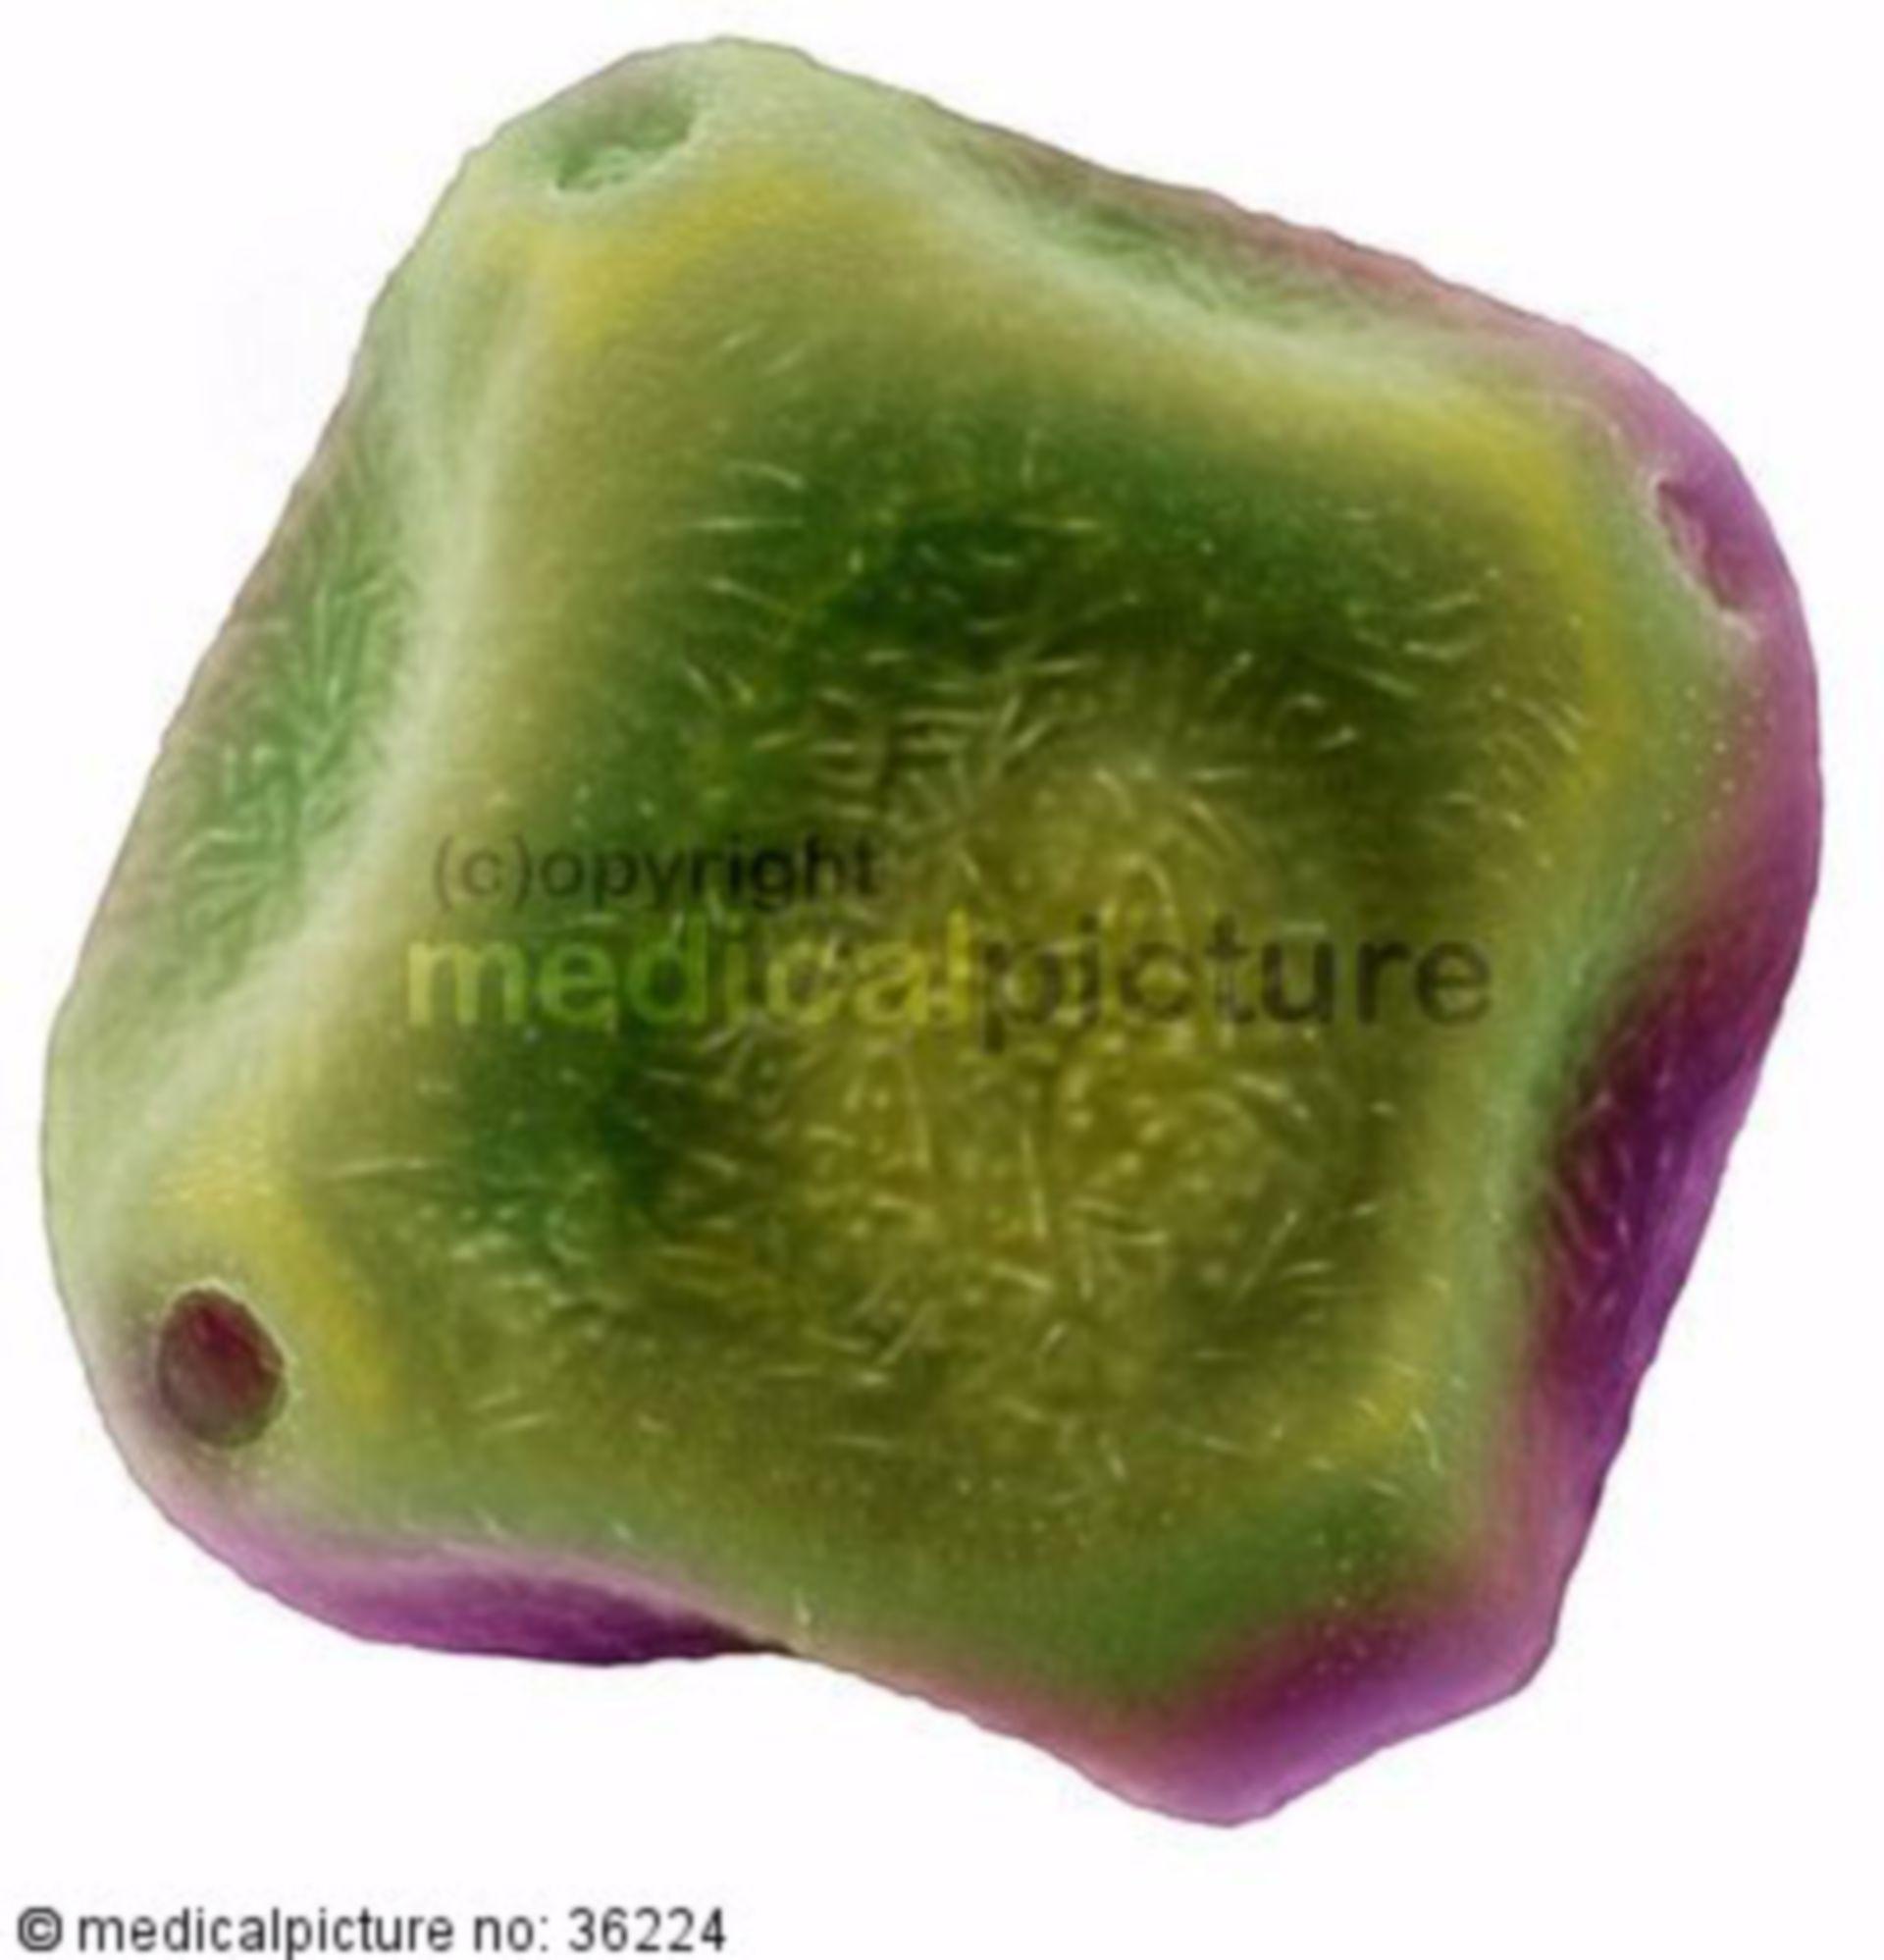 Erlen Polle, pollen of alder